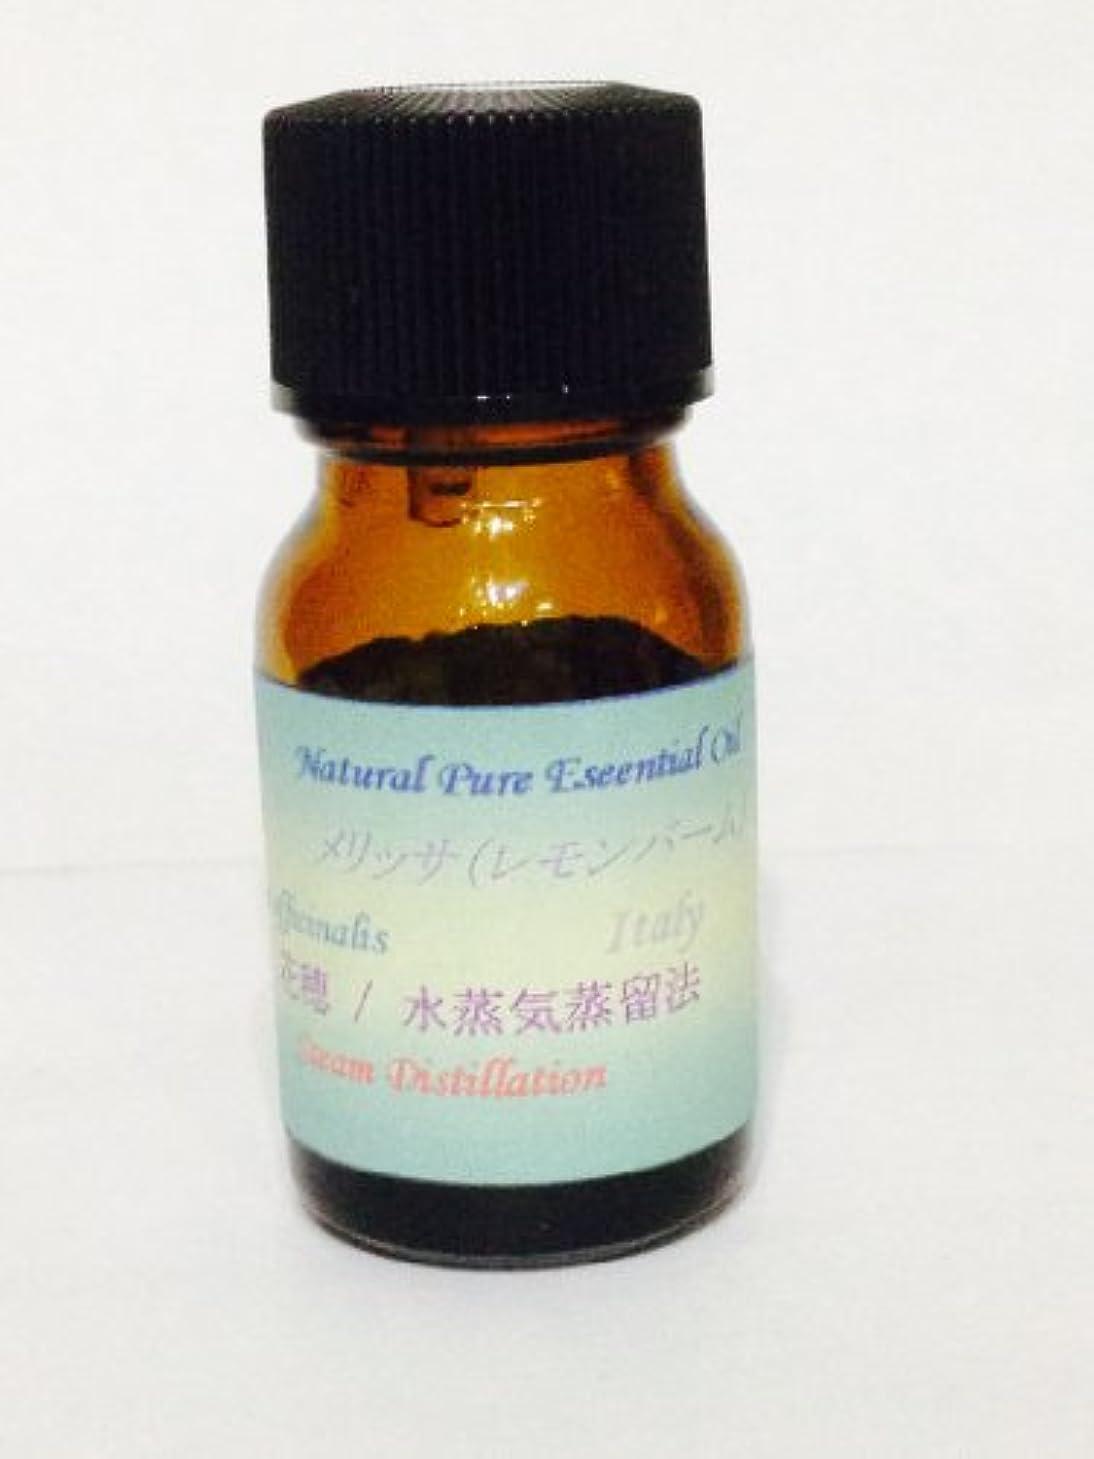 実験室オーク消毒剤メリッサ (レモンバーム) 100% ピュア エッセンシャルオイル 精油 10ml